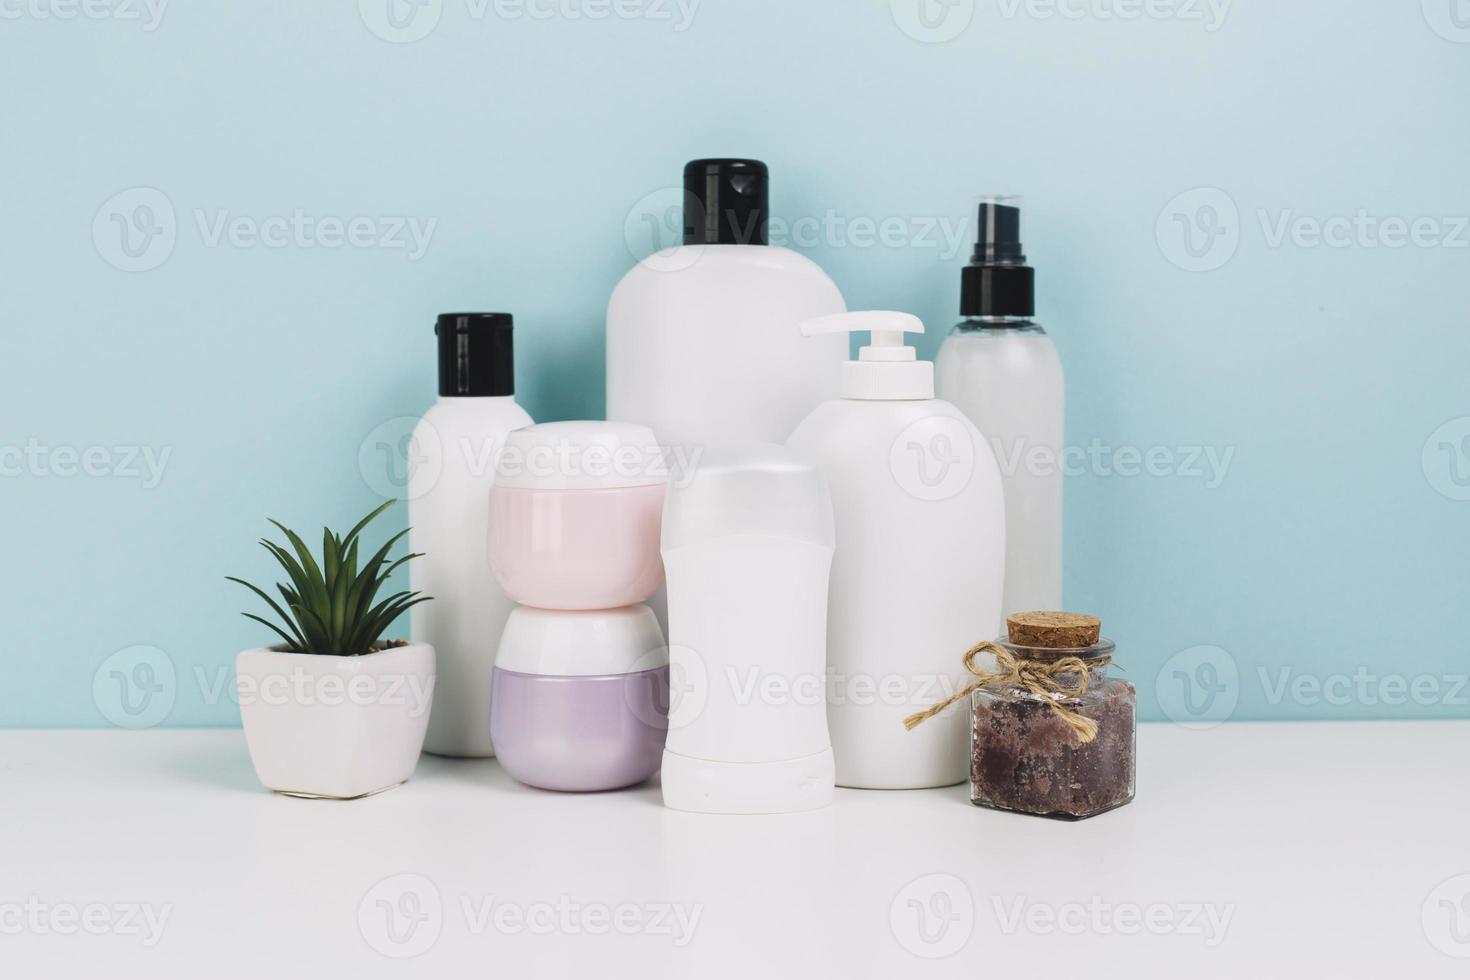 barattoli di cosmetici e bottiglie vicino alla pianta foto